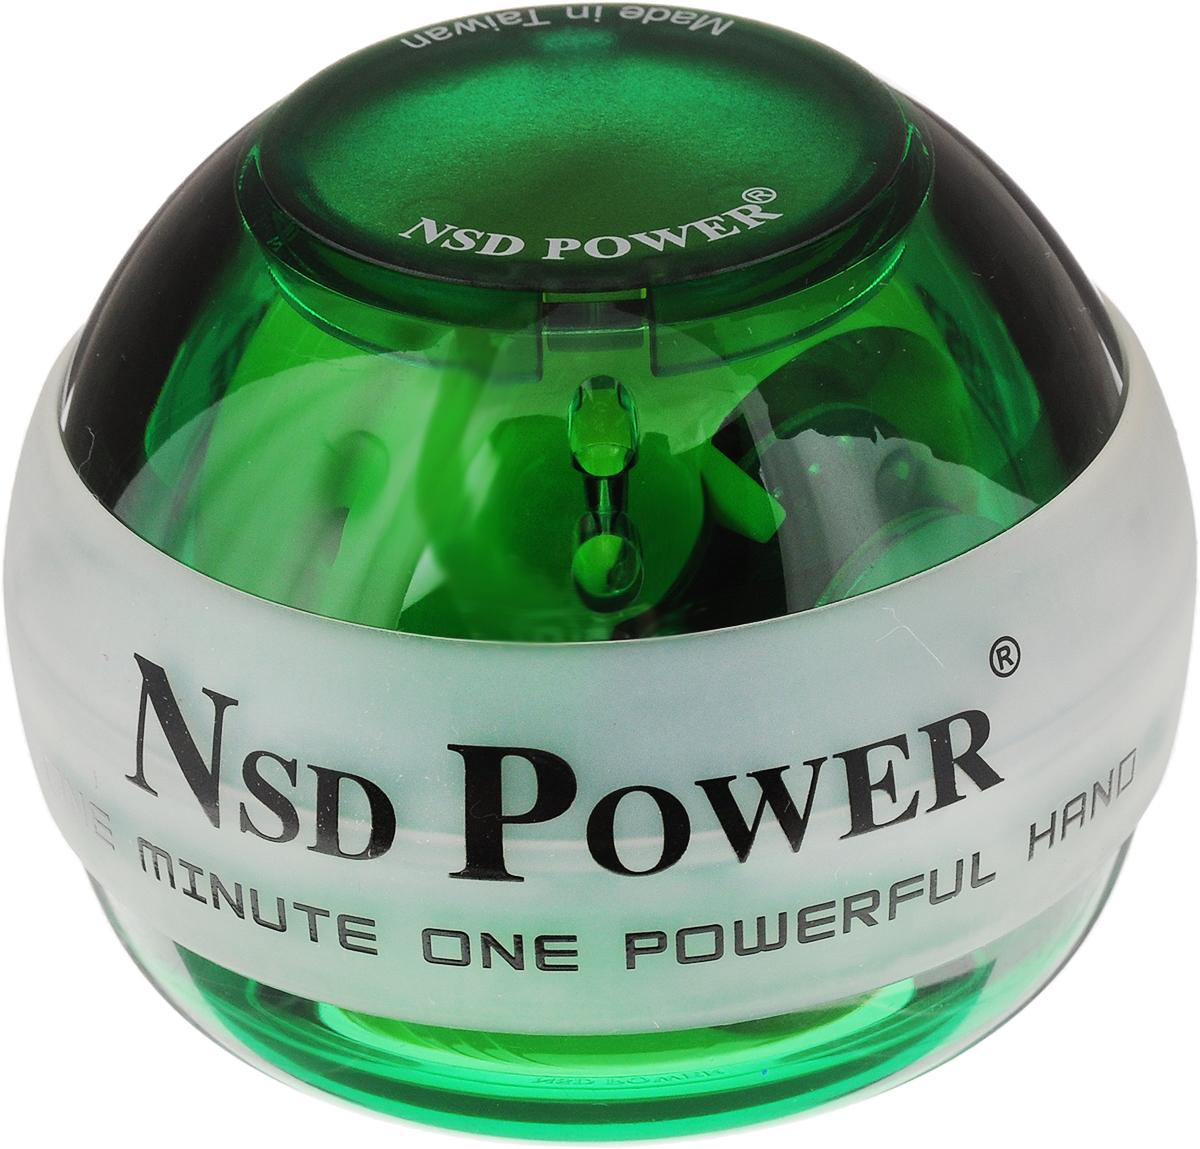 Тренажер кистевой NSD Power Powerball Neon. PB - 188LPB-188L GreenКистевой тренажер NSD Power Powerball Neon - новая модель c подсветкой, изготовленная из более прочного материала с системой защиты ротора. Защита предотвращает повреждение при падении шара на твердую поверхность, благодаря чему тренажер будет служить вам очень долгое время. Прекрасно отрегулированный ротор тренажера с отличным балансом может достигать скорости вращения до 15000 оборотов в минуту. Стильный тренажер для кисти рук, который можно использовать в любую свободную минуту. В комплект входят инструкция и два шнурка для раскрутки. Тренажер подходит как для развлечения, так и для постоянных тренировок или в виде разминки для полноценной спортивной тренировки. Размер тренажера: 7 х 5,5 см.